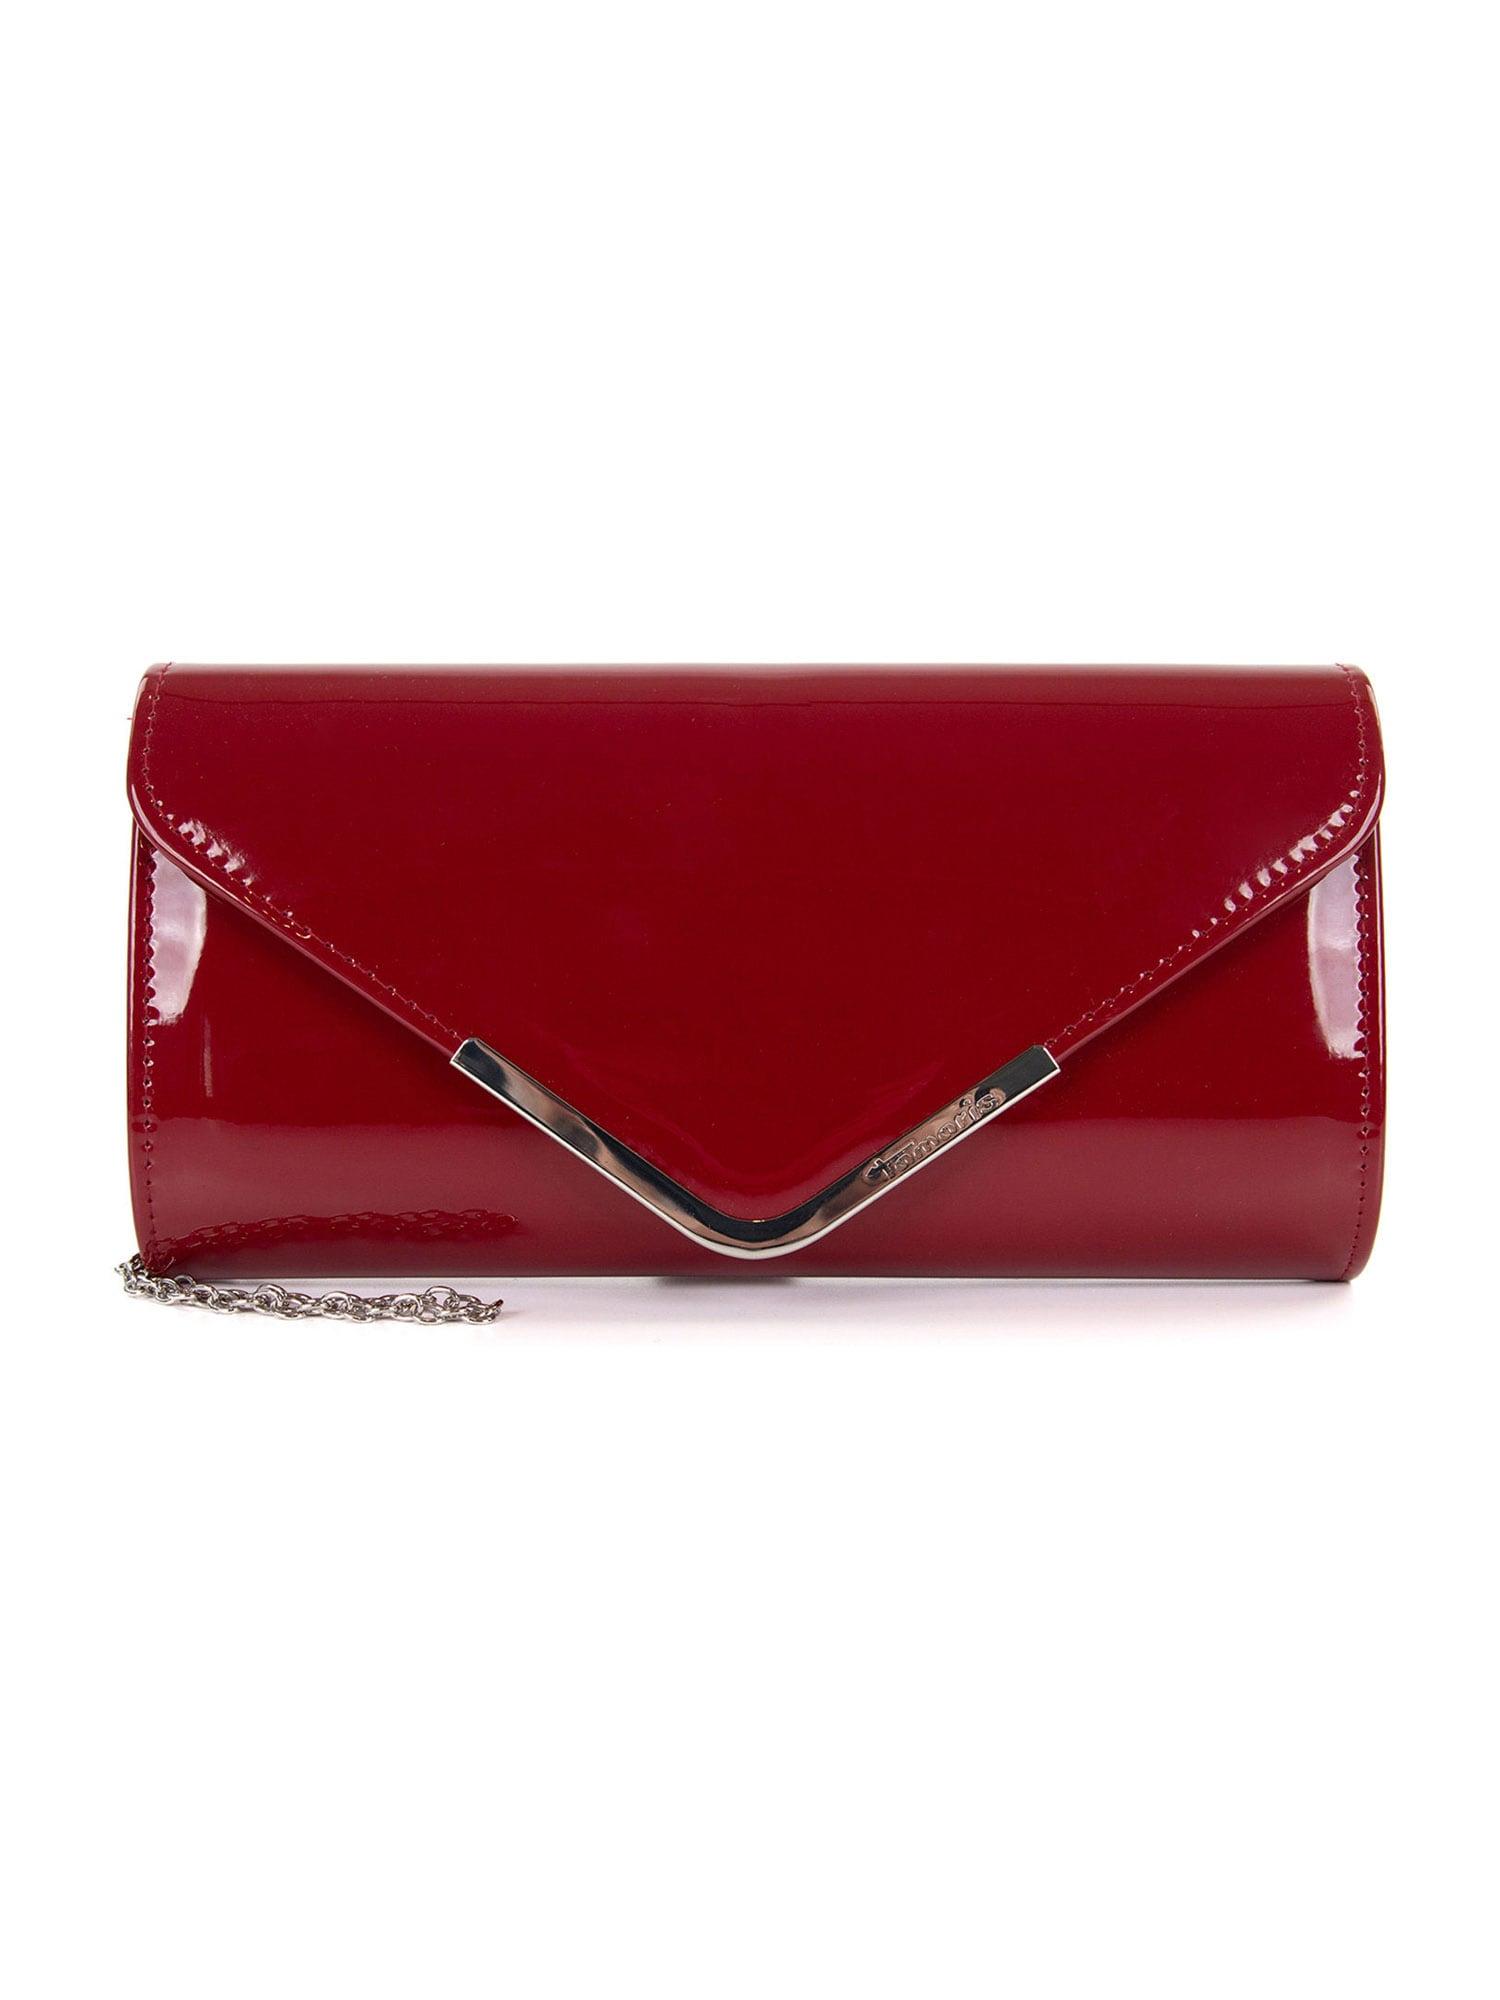 TAMARIS Pochette 'Amalia'  - Rouge - Taille: One Size - female